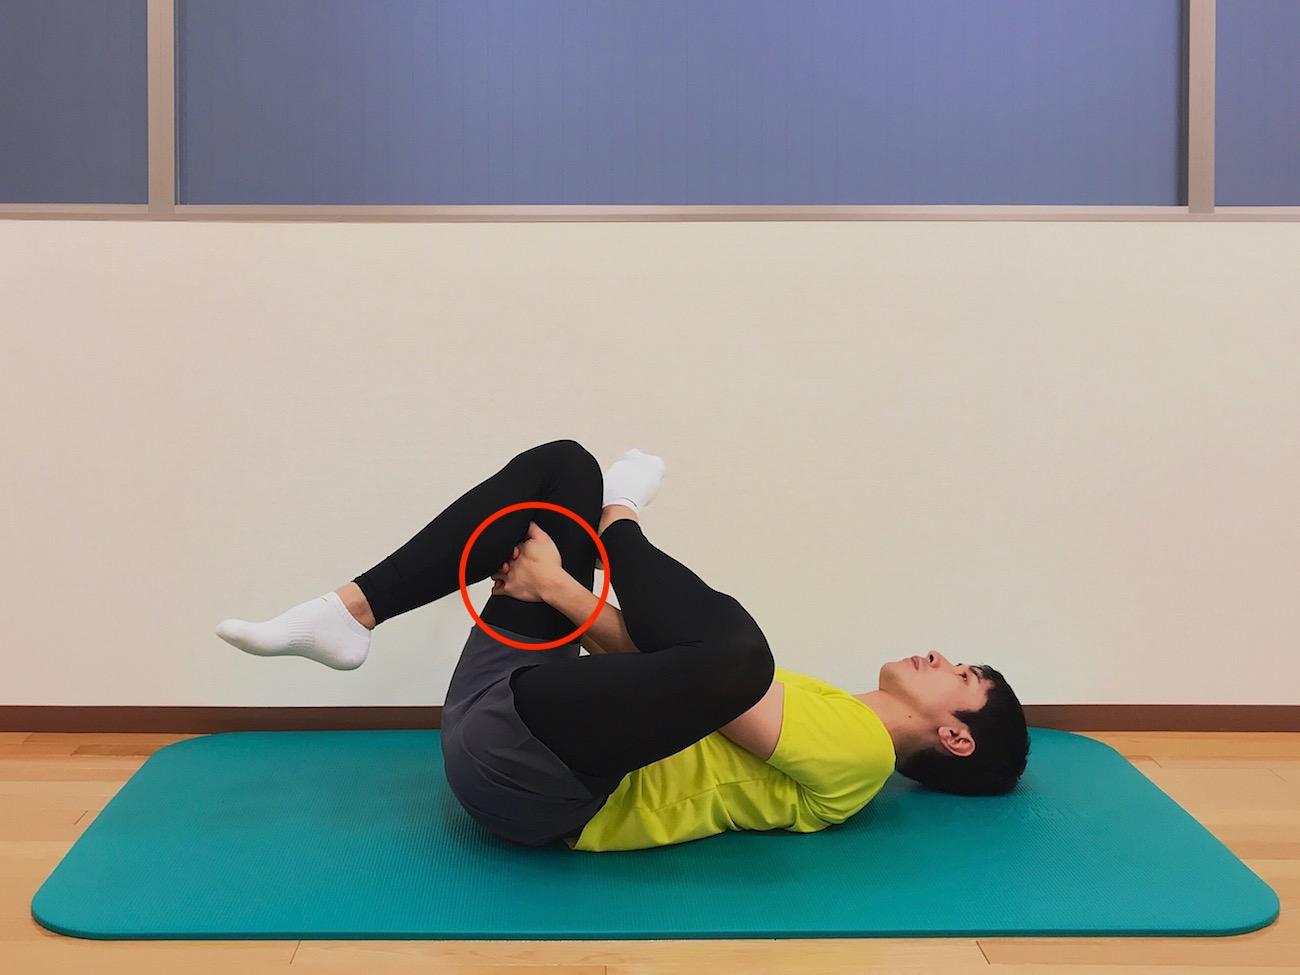 お尻(大殿筋)のストレッチの強度の調整の方法